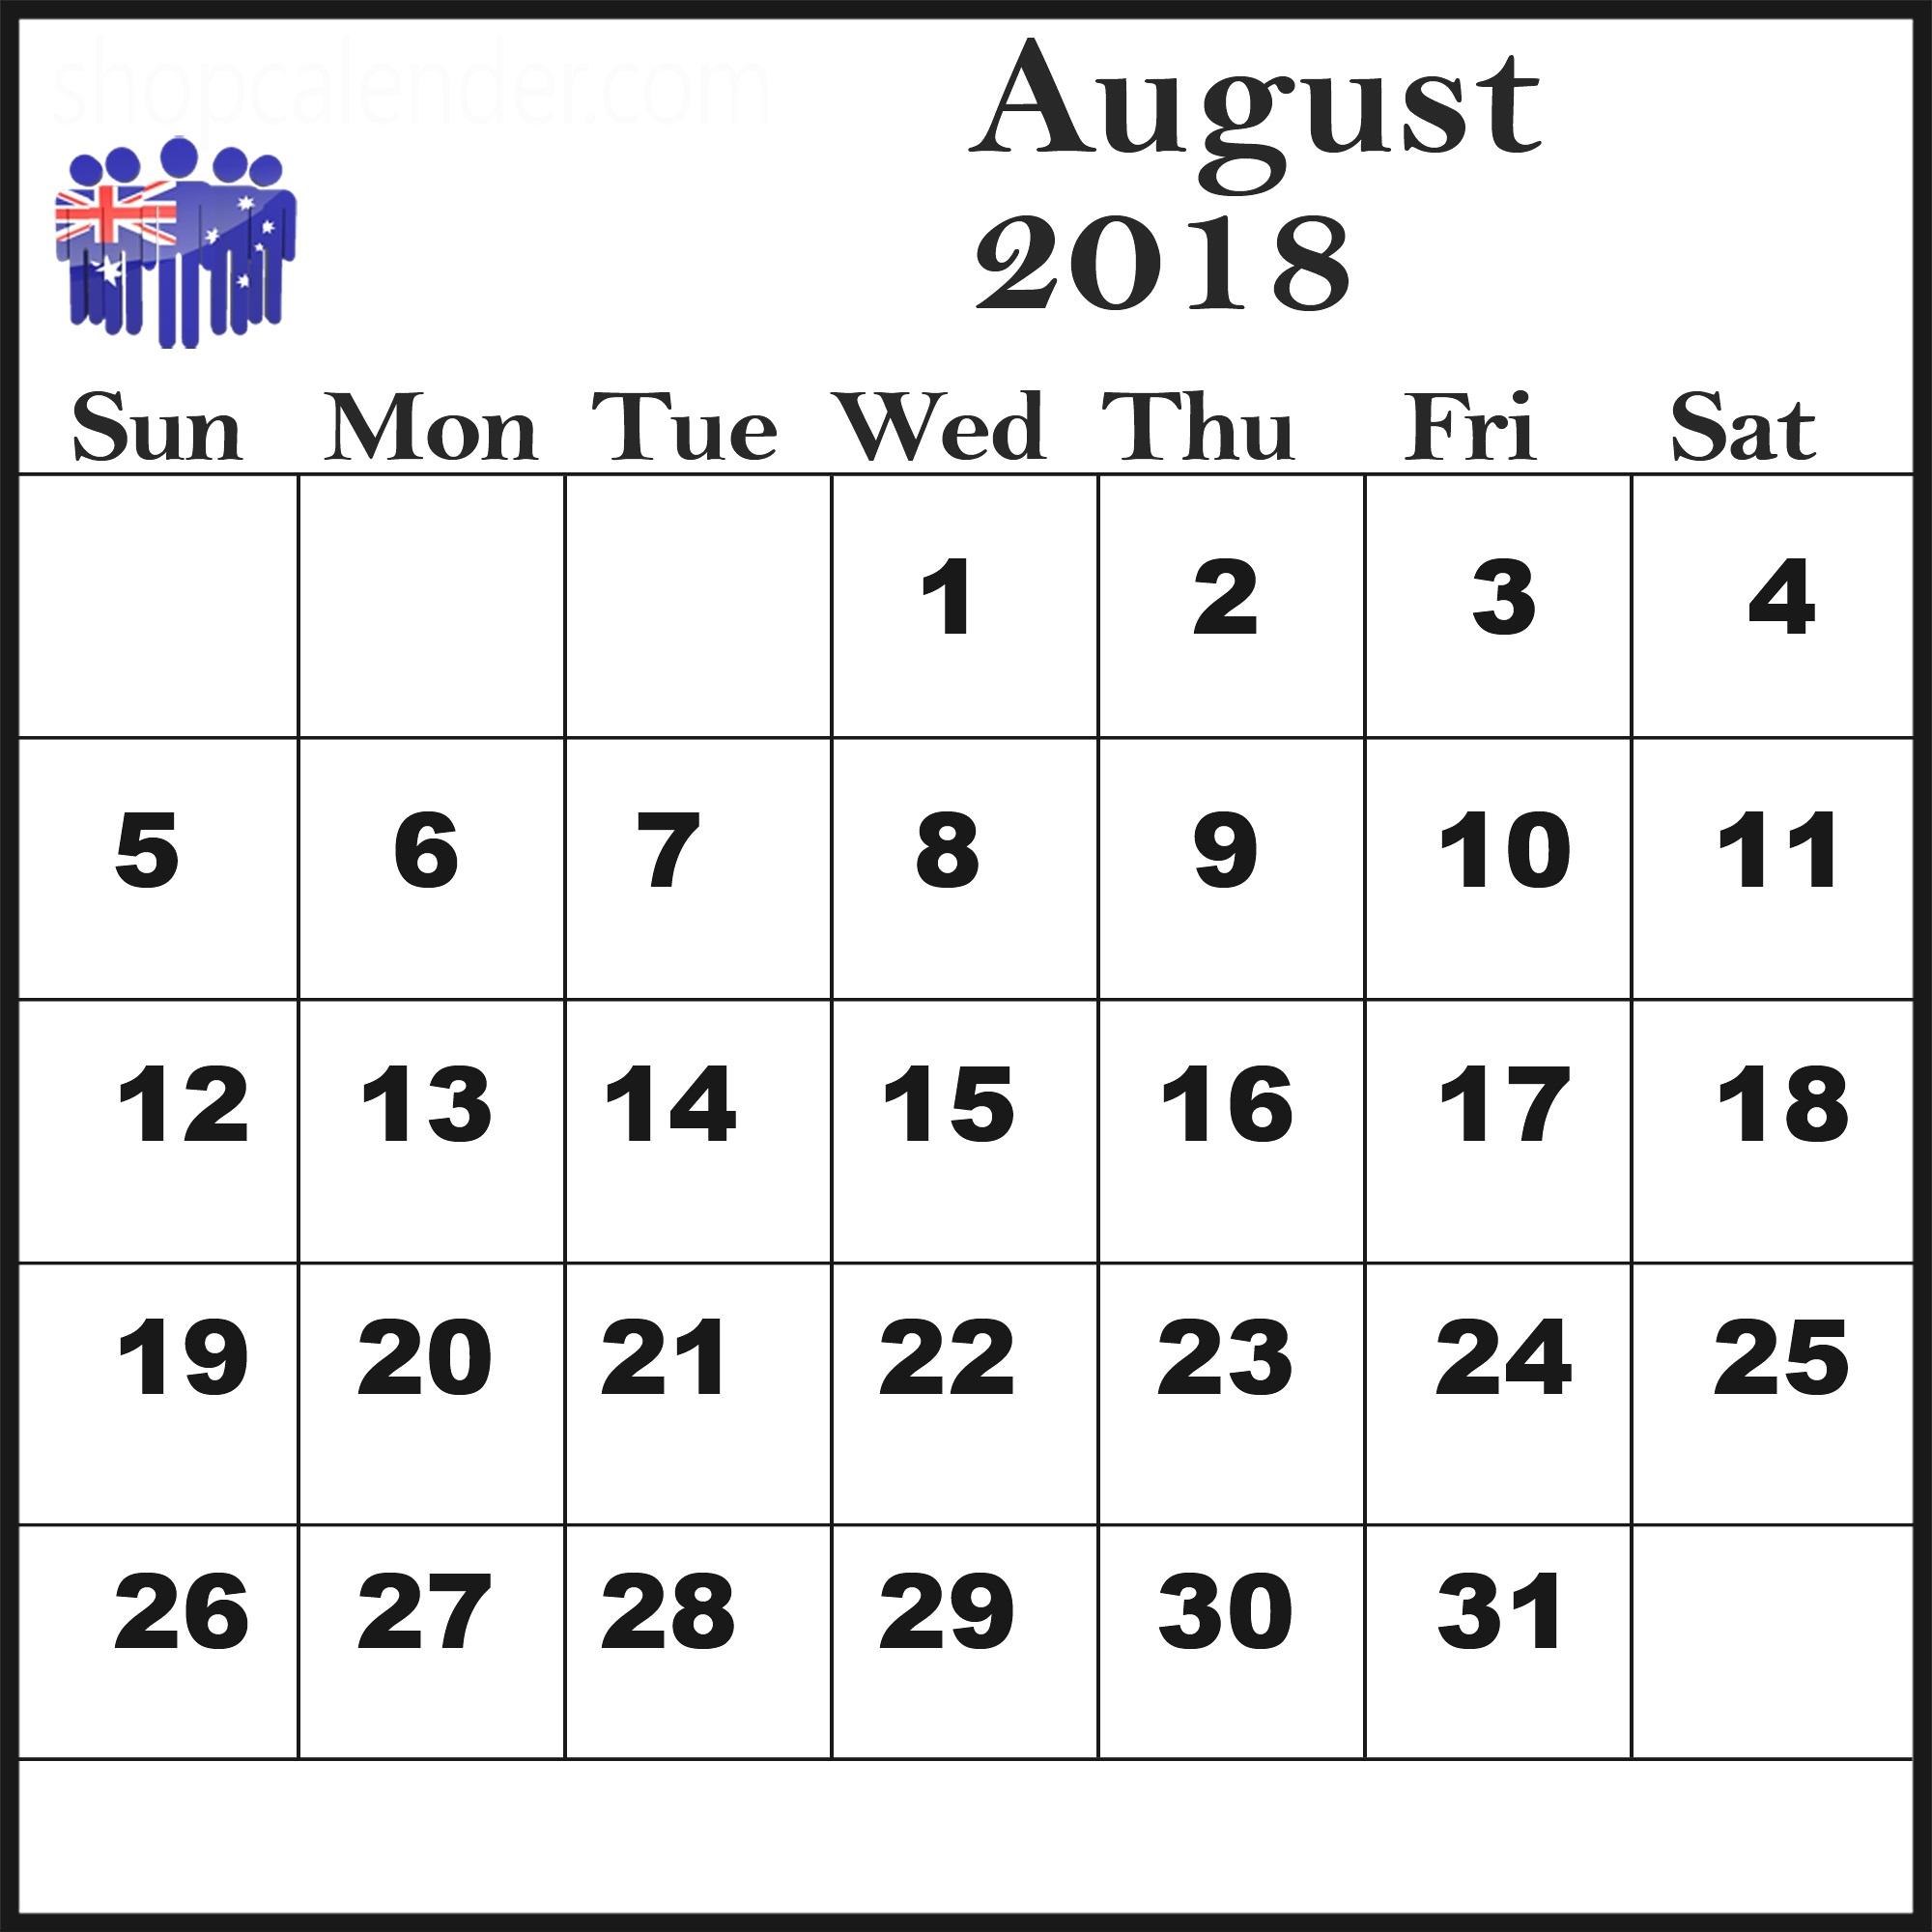 Calendar August 2018 For Australia